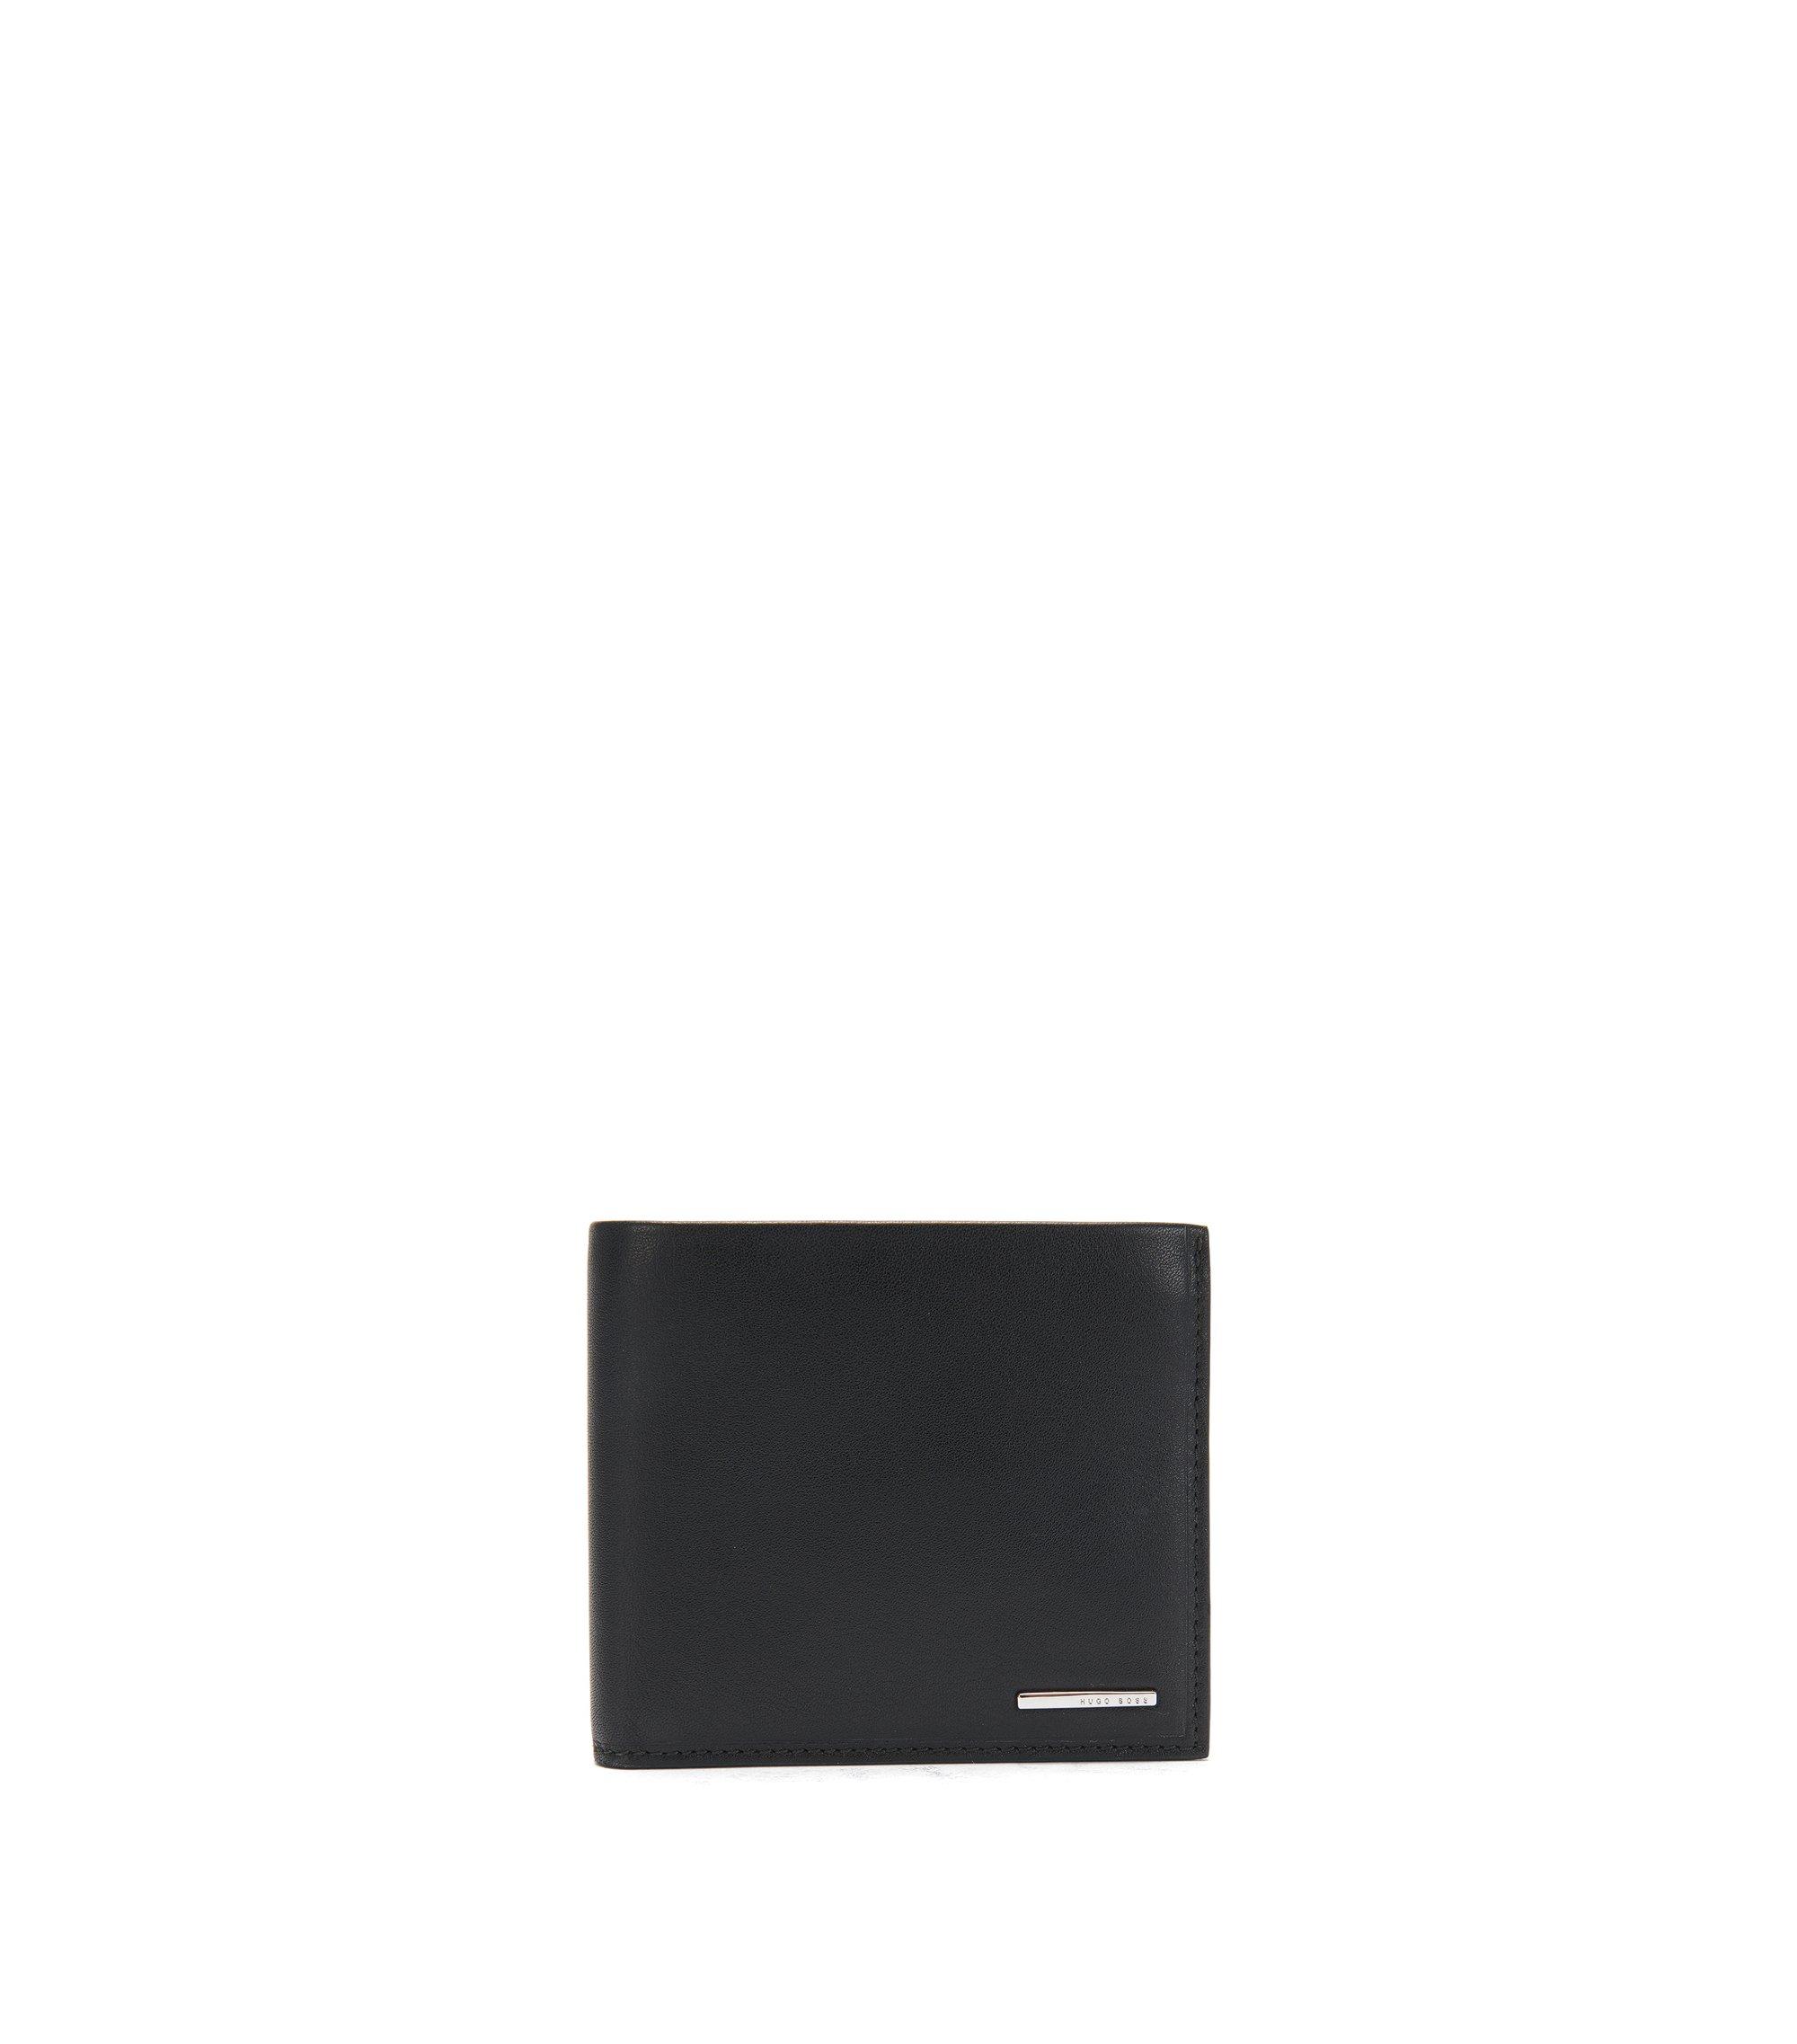 Klapp-Geldbörse aus natürlich genarbtem Leder mit Münzfach, Schwarz